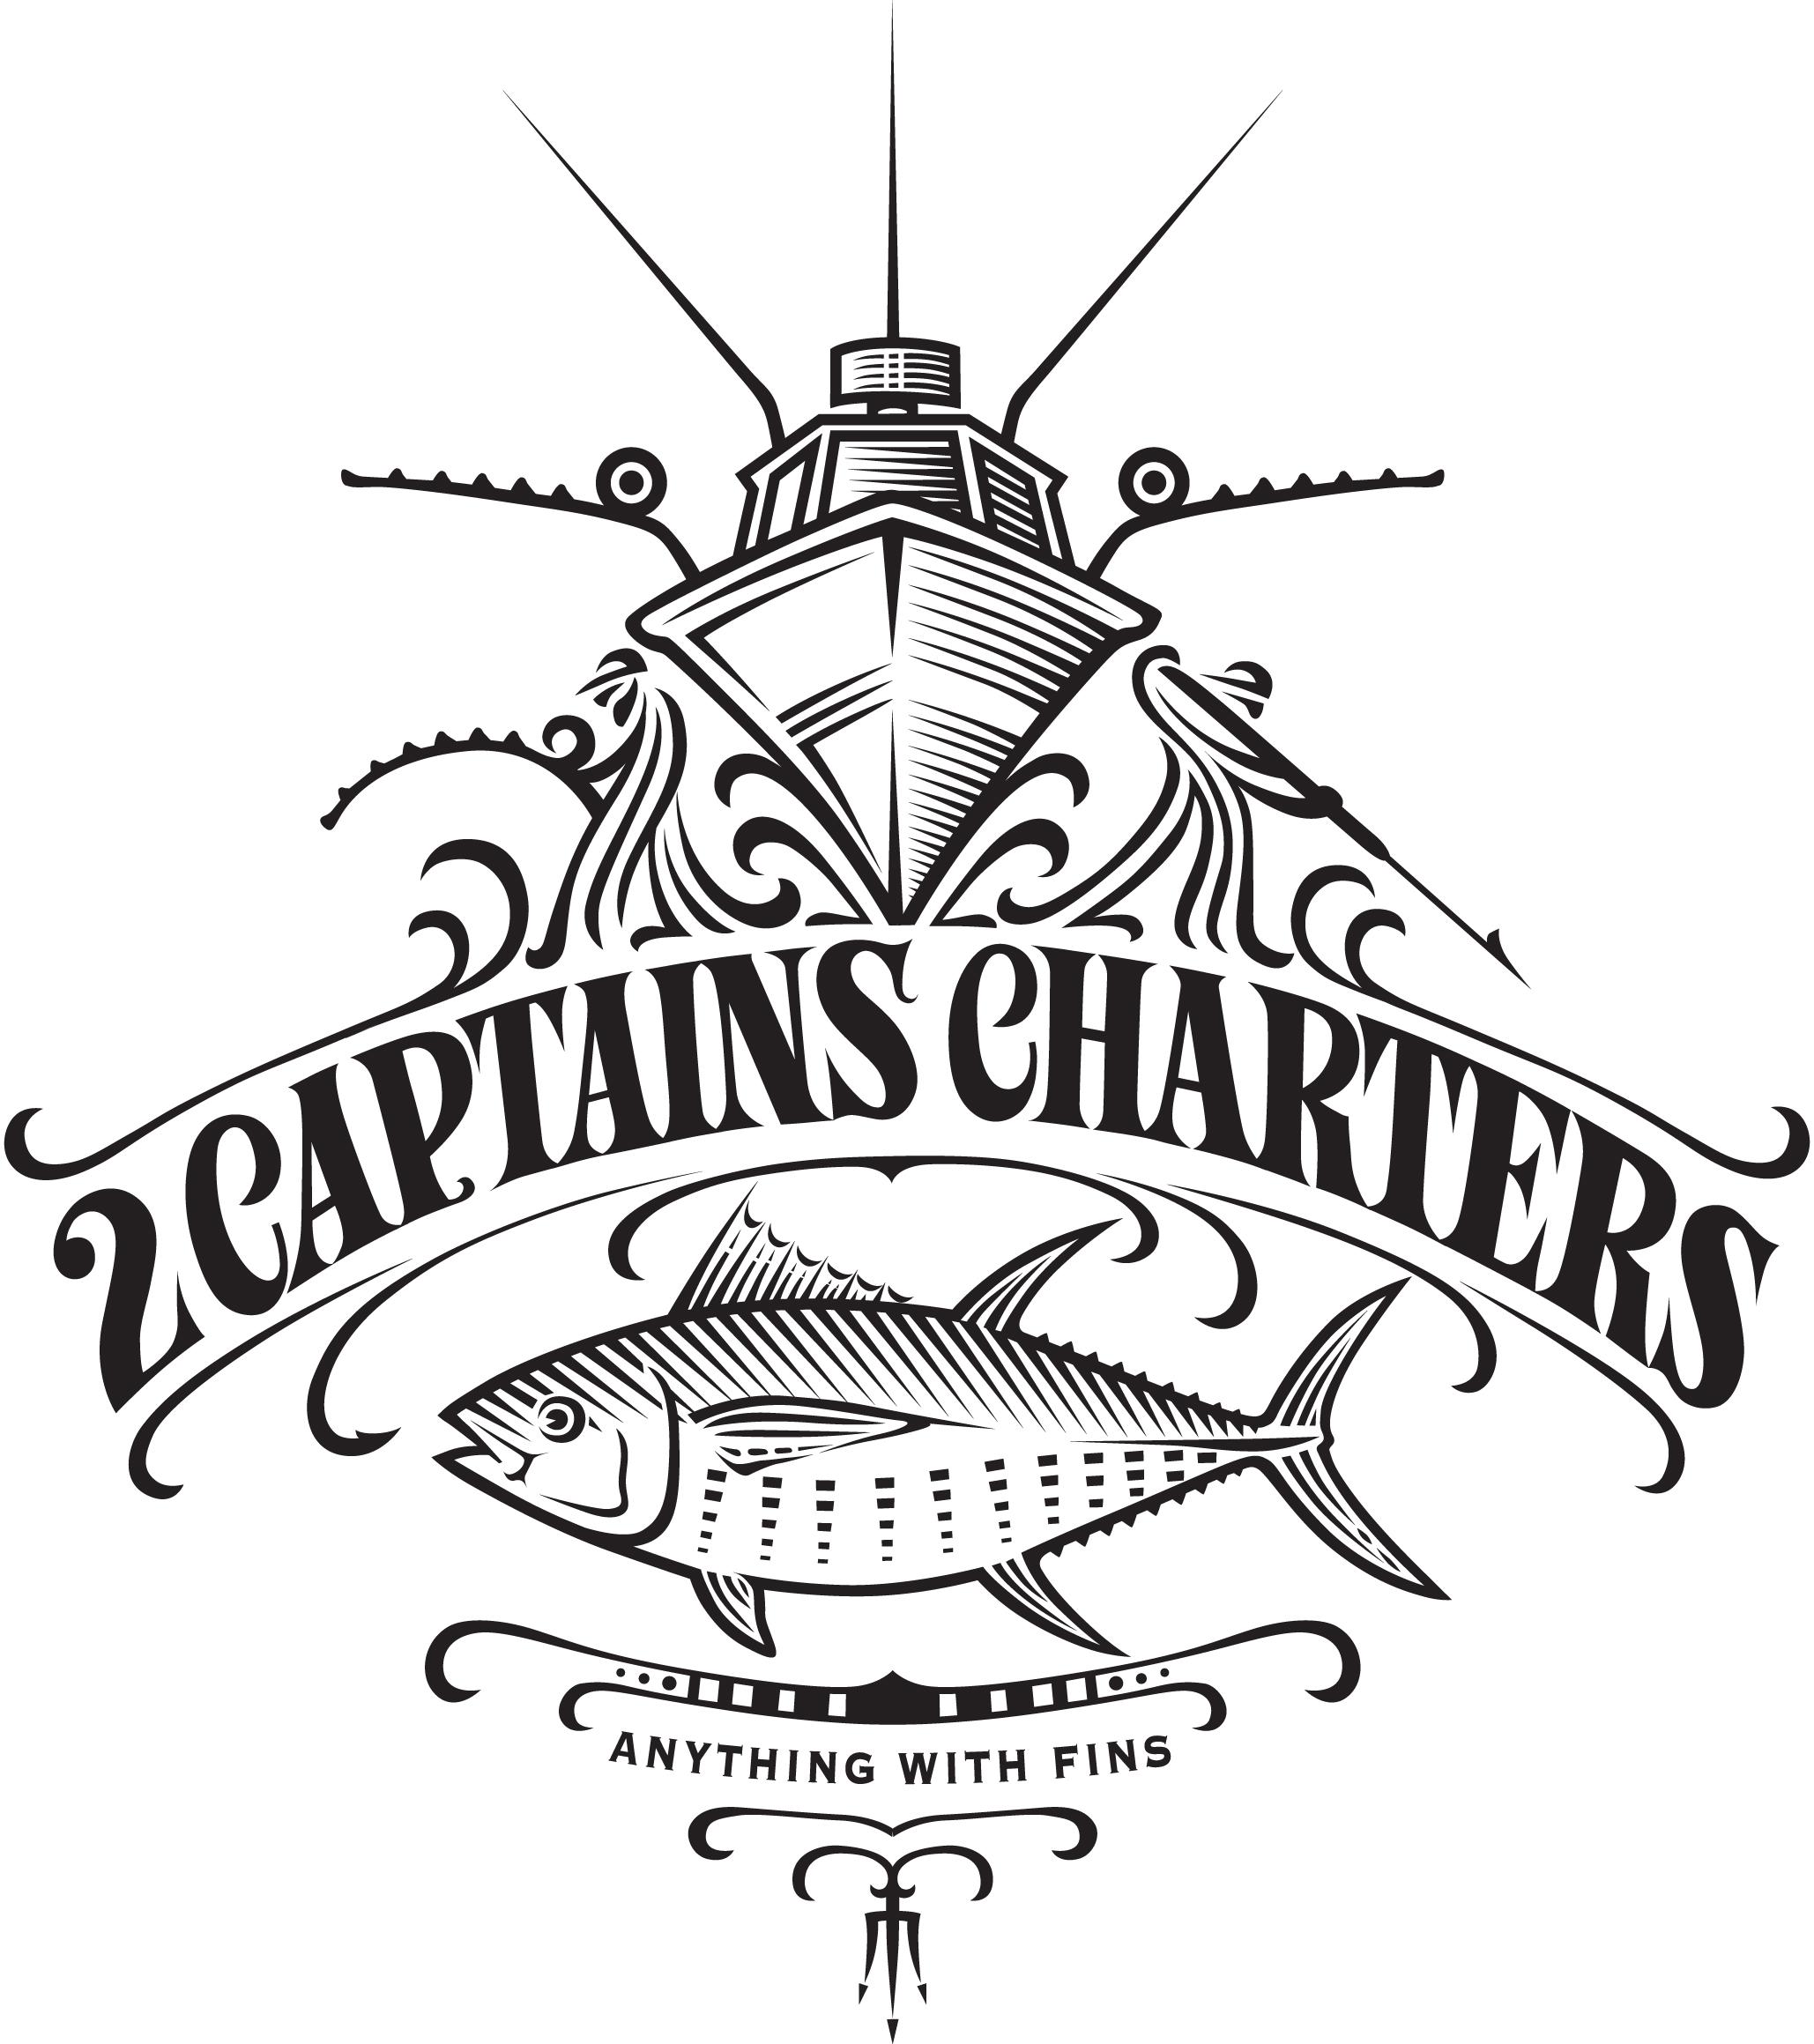 рыбацкая лодка логотип